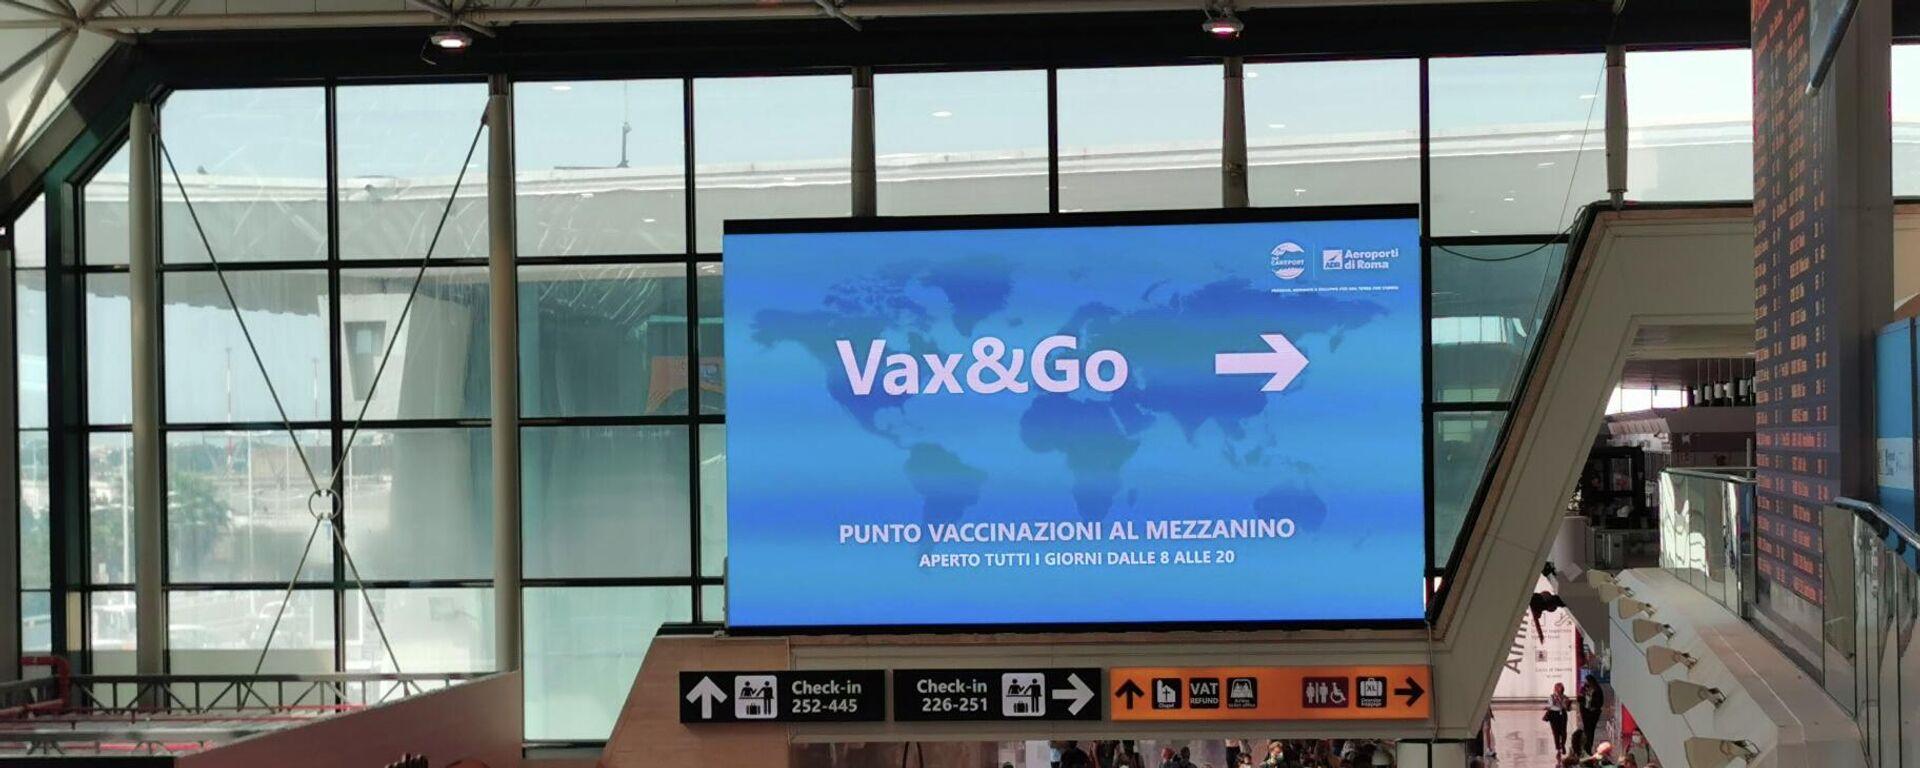 Centro Vax&Go all'aeroporto di Fiumicino - Sputnik Italia, 1920, 05.08.2021